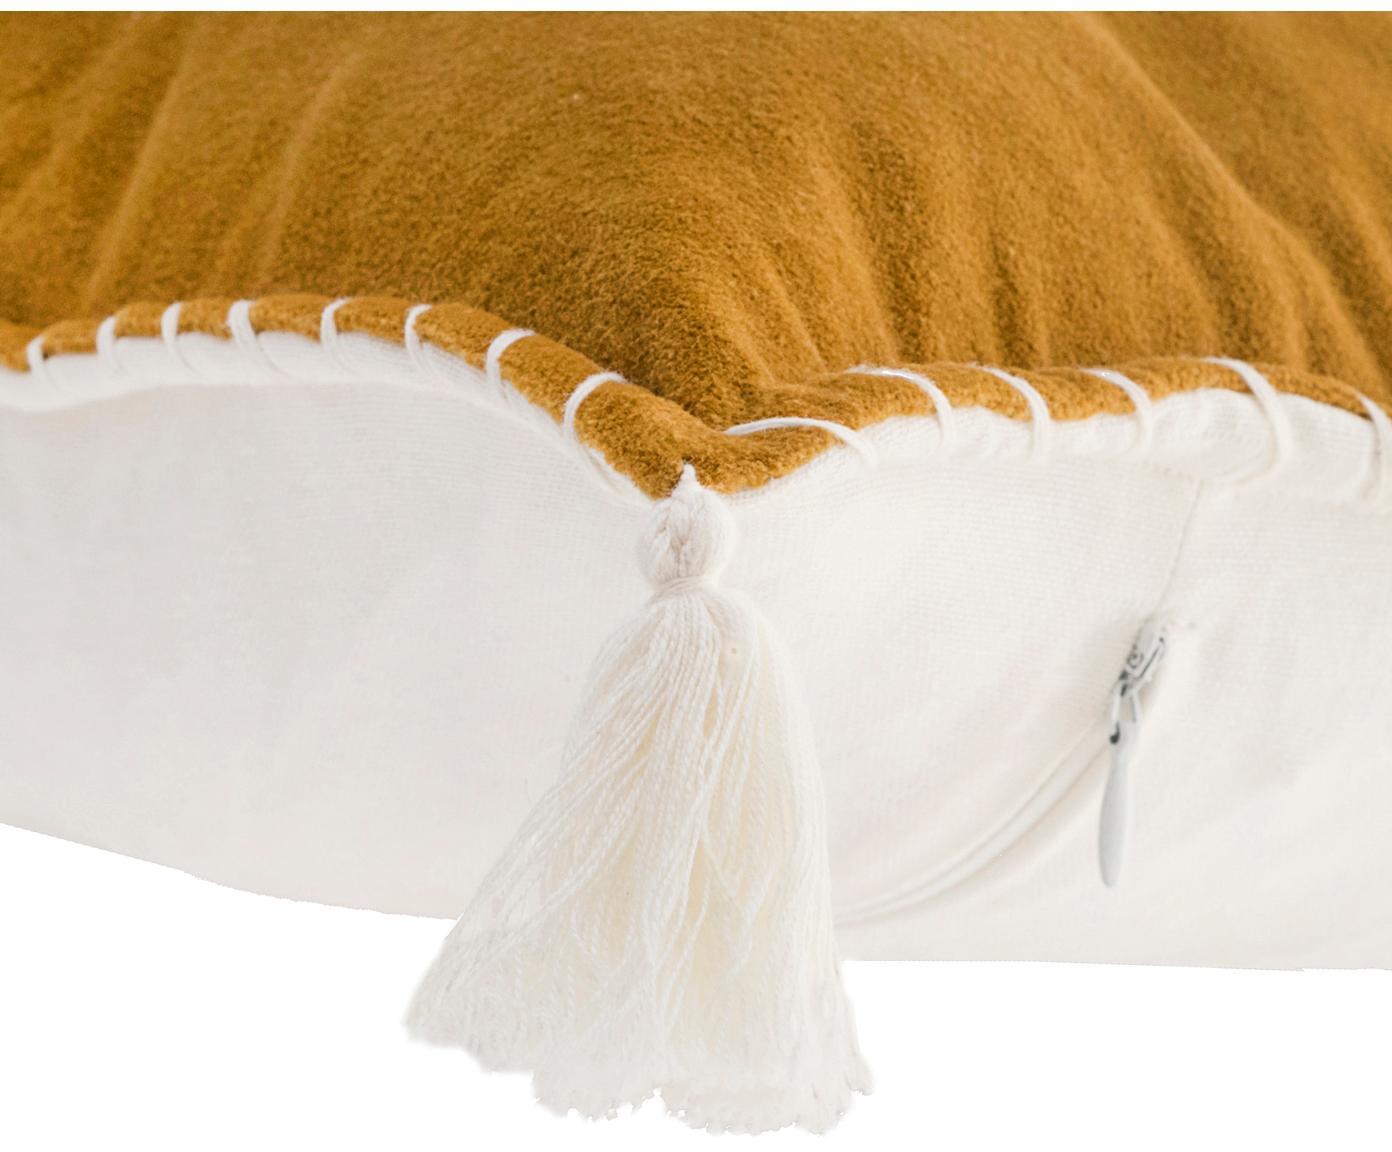 Haftowana poszewka na poduszkę z chwostami Bali, 50% bawełna, 50% poliester, Musztardowy, biały, S 30 x D 50 cm